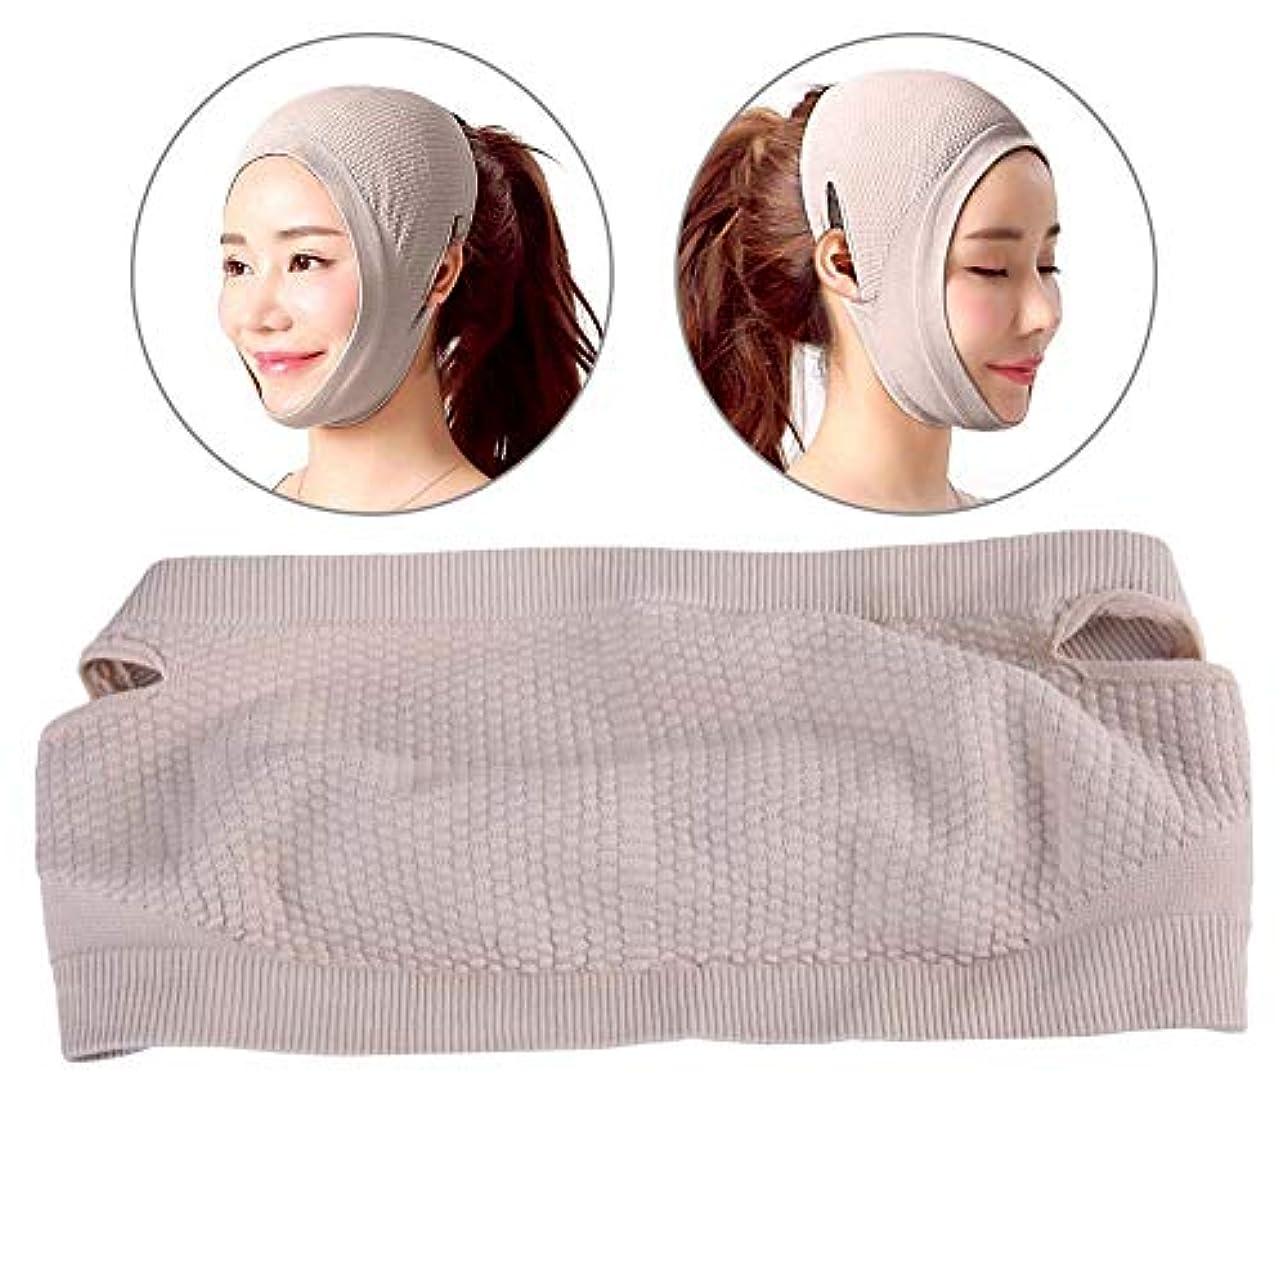 プットええ起きている顔の輪郭を改善するVフェイス美容包帯 フェイシャルリフティングマスク、露出耳のデザイン/通気性/伸縮性/副作用なし